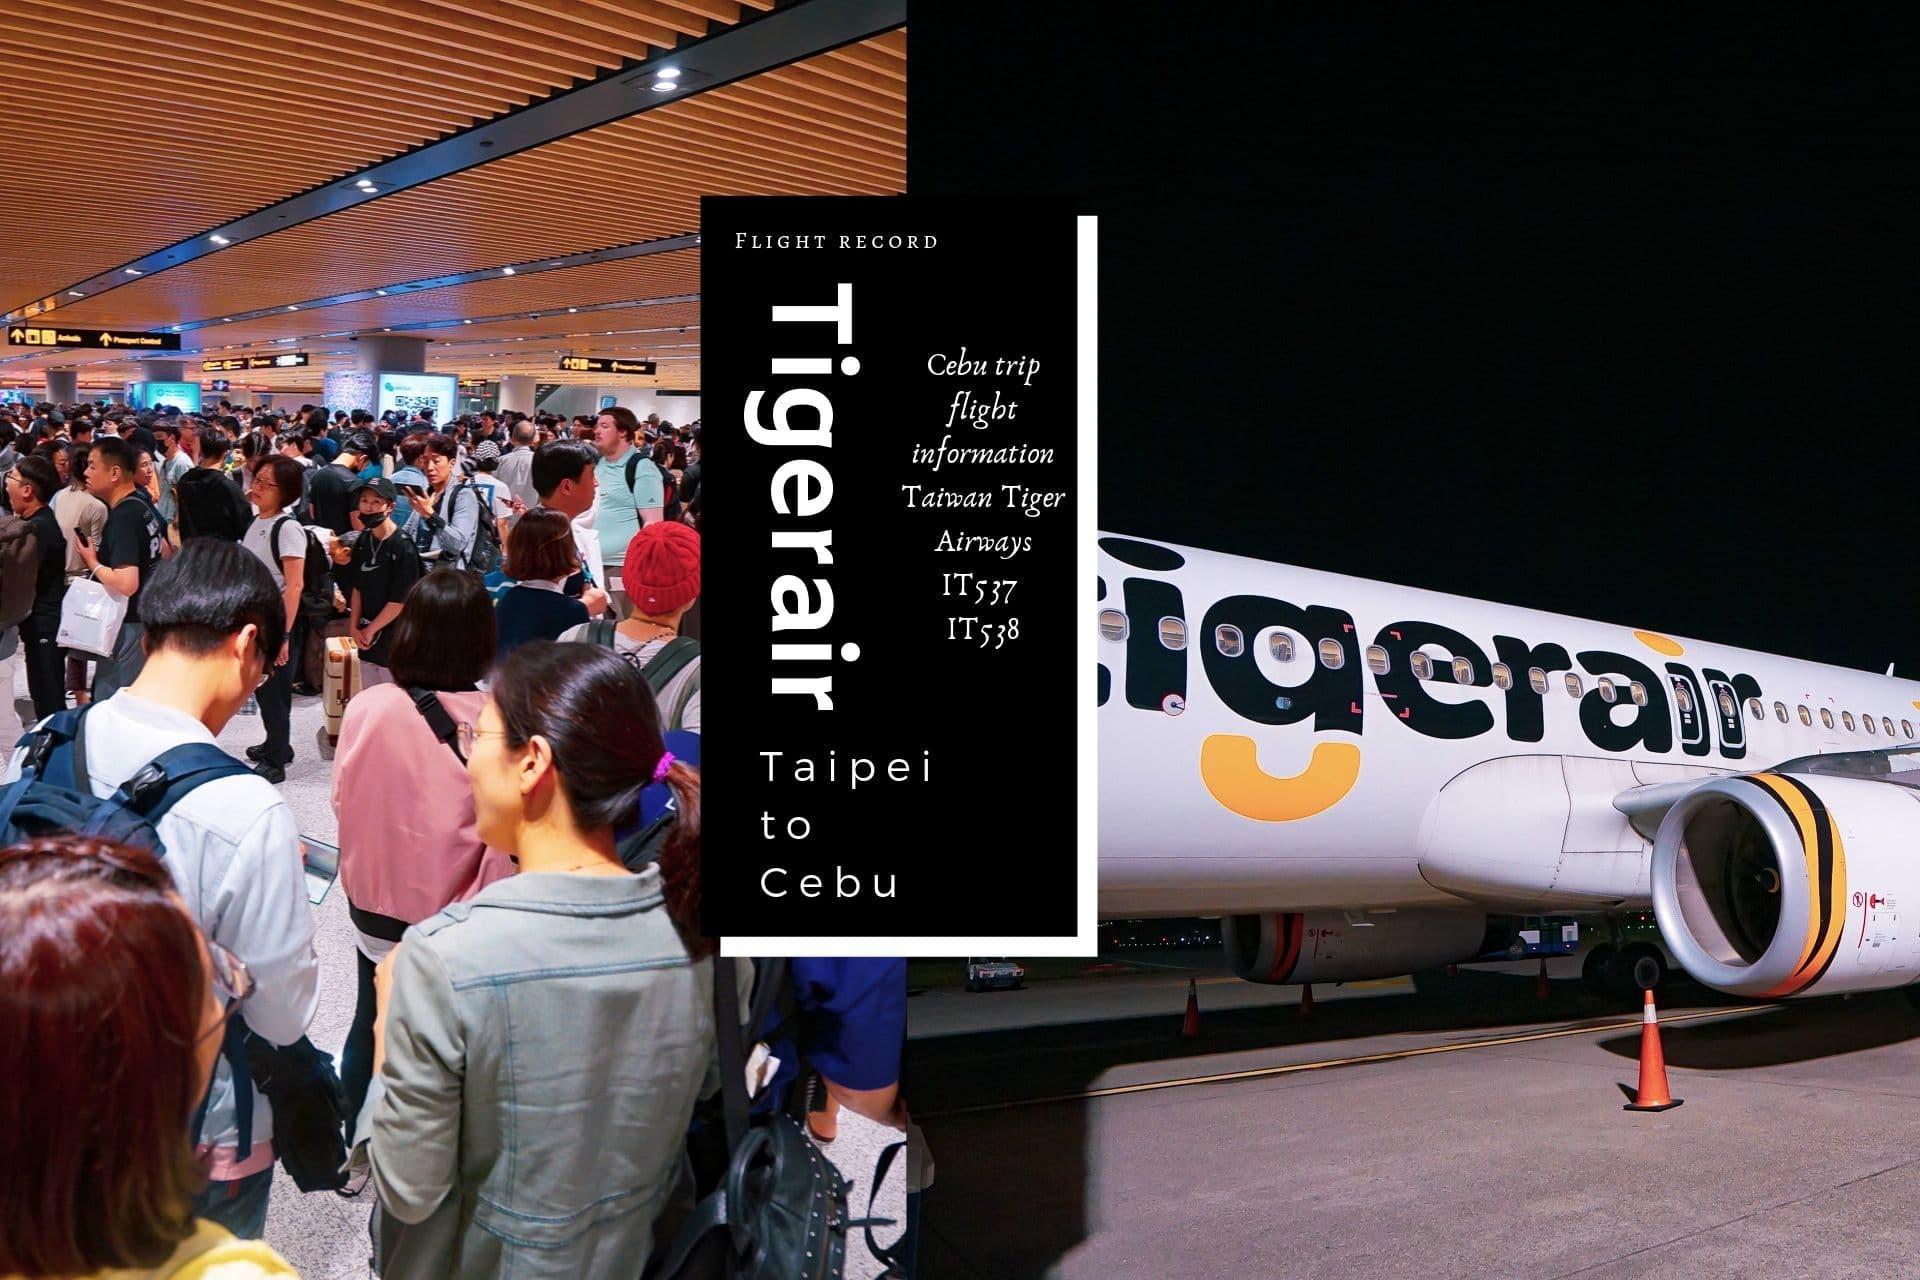 台灣虎航Tigerair Taiwan -IT537、IT538